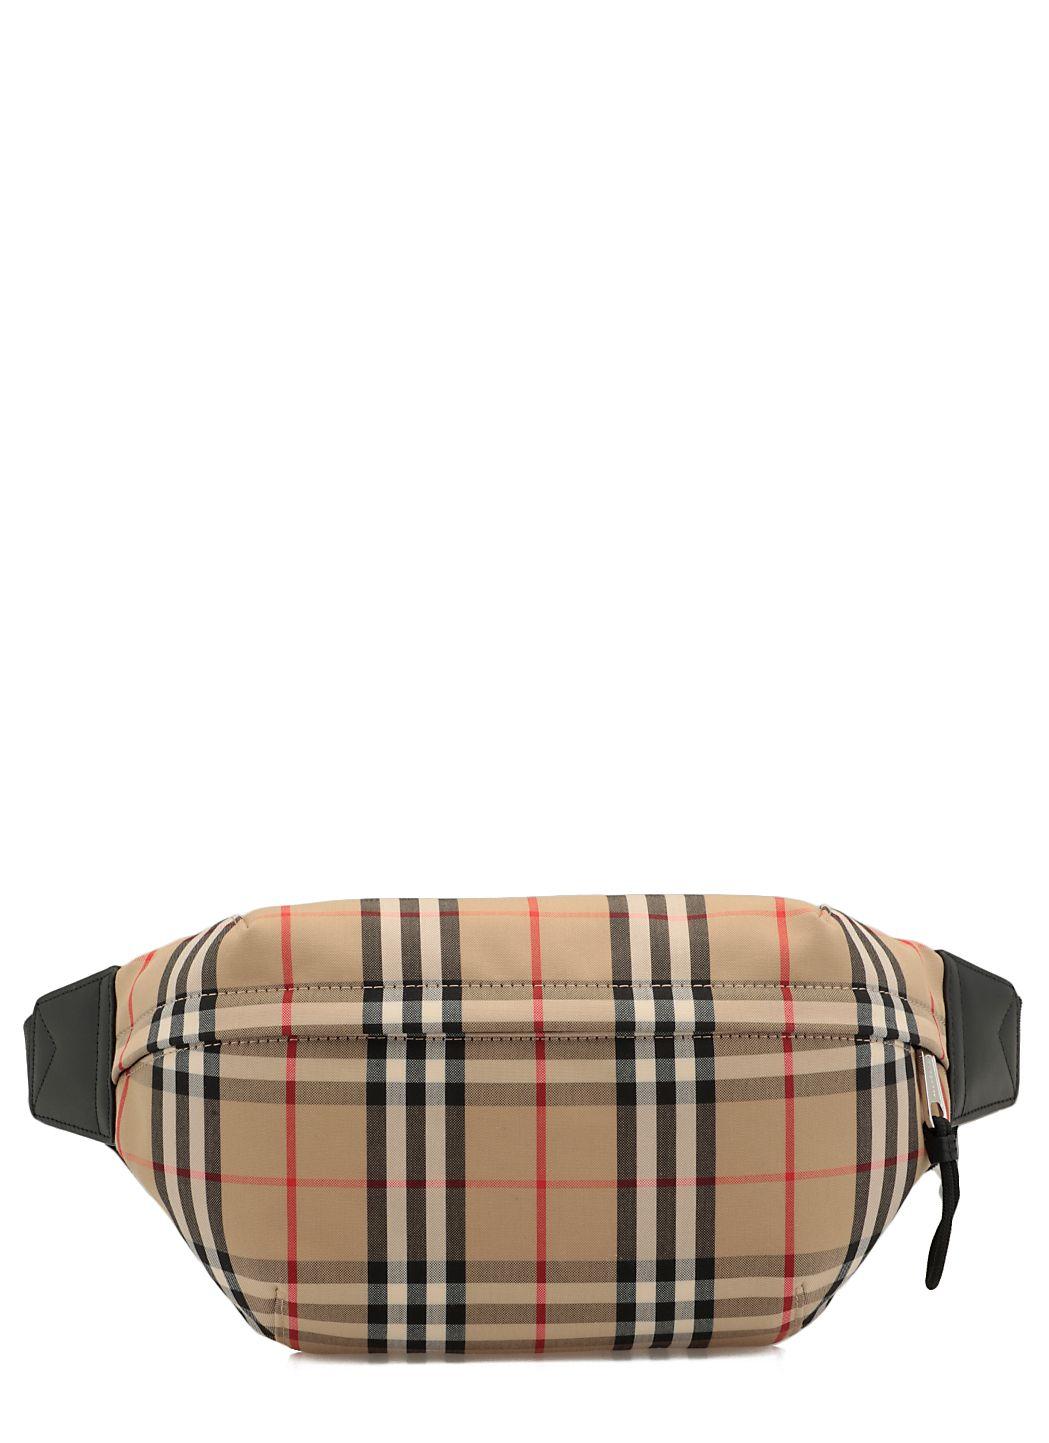 Sonny belt pack